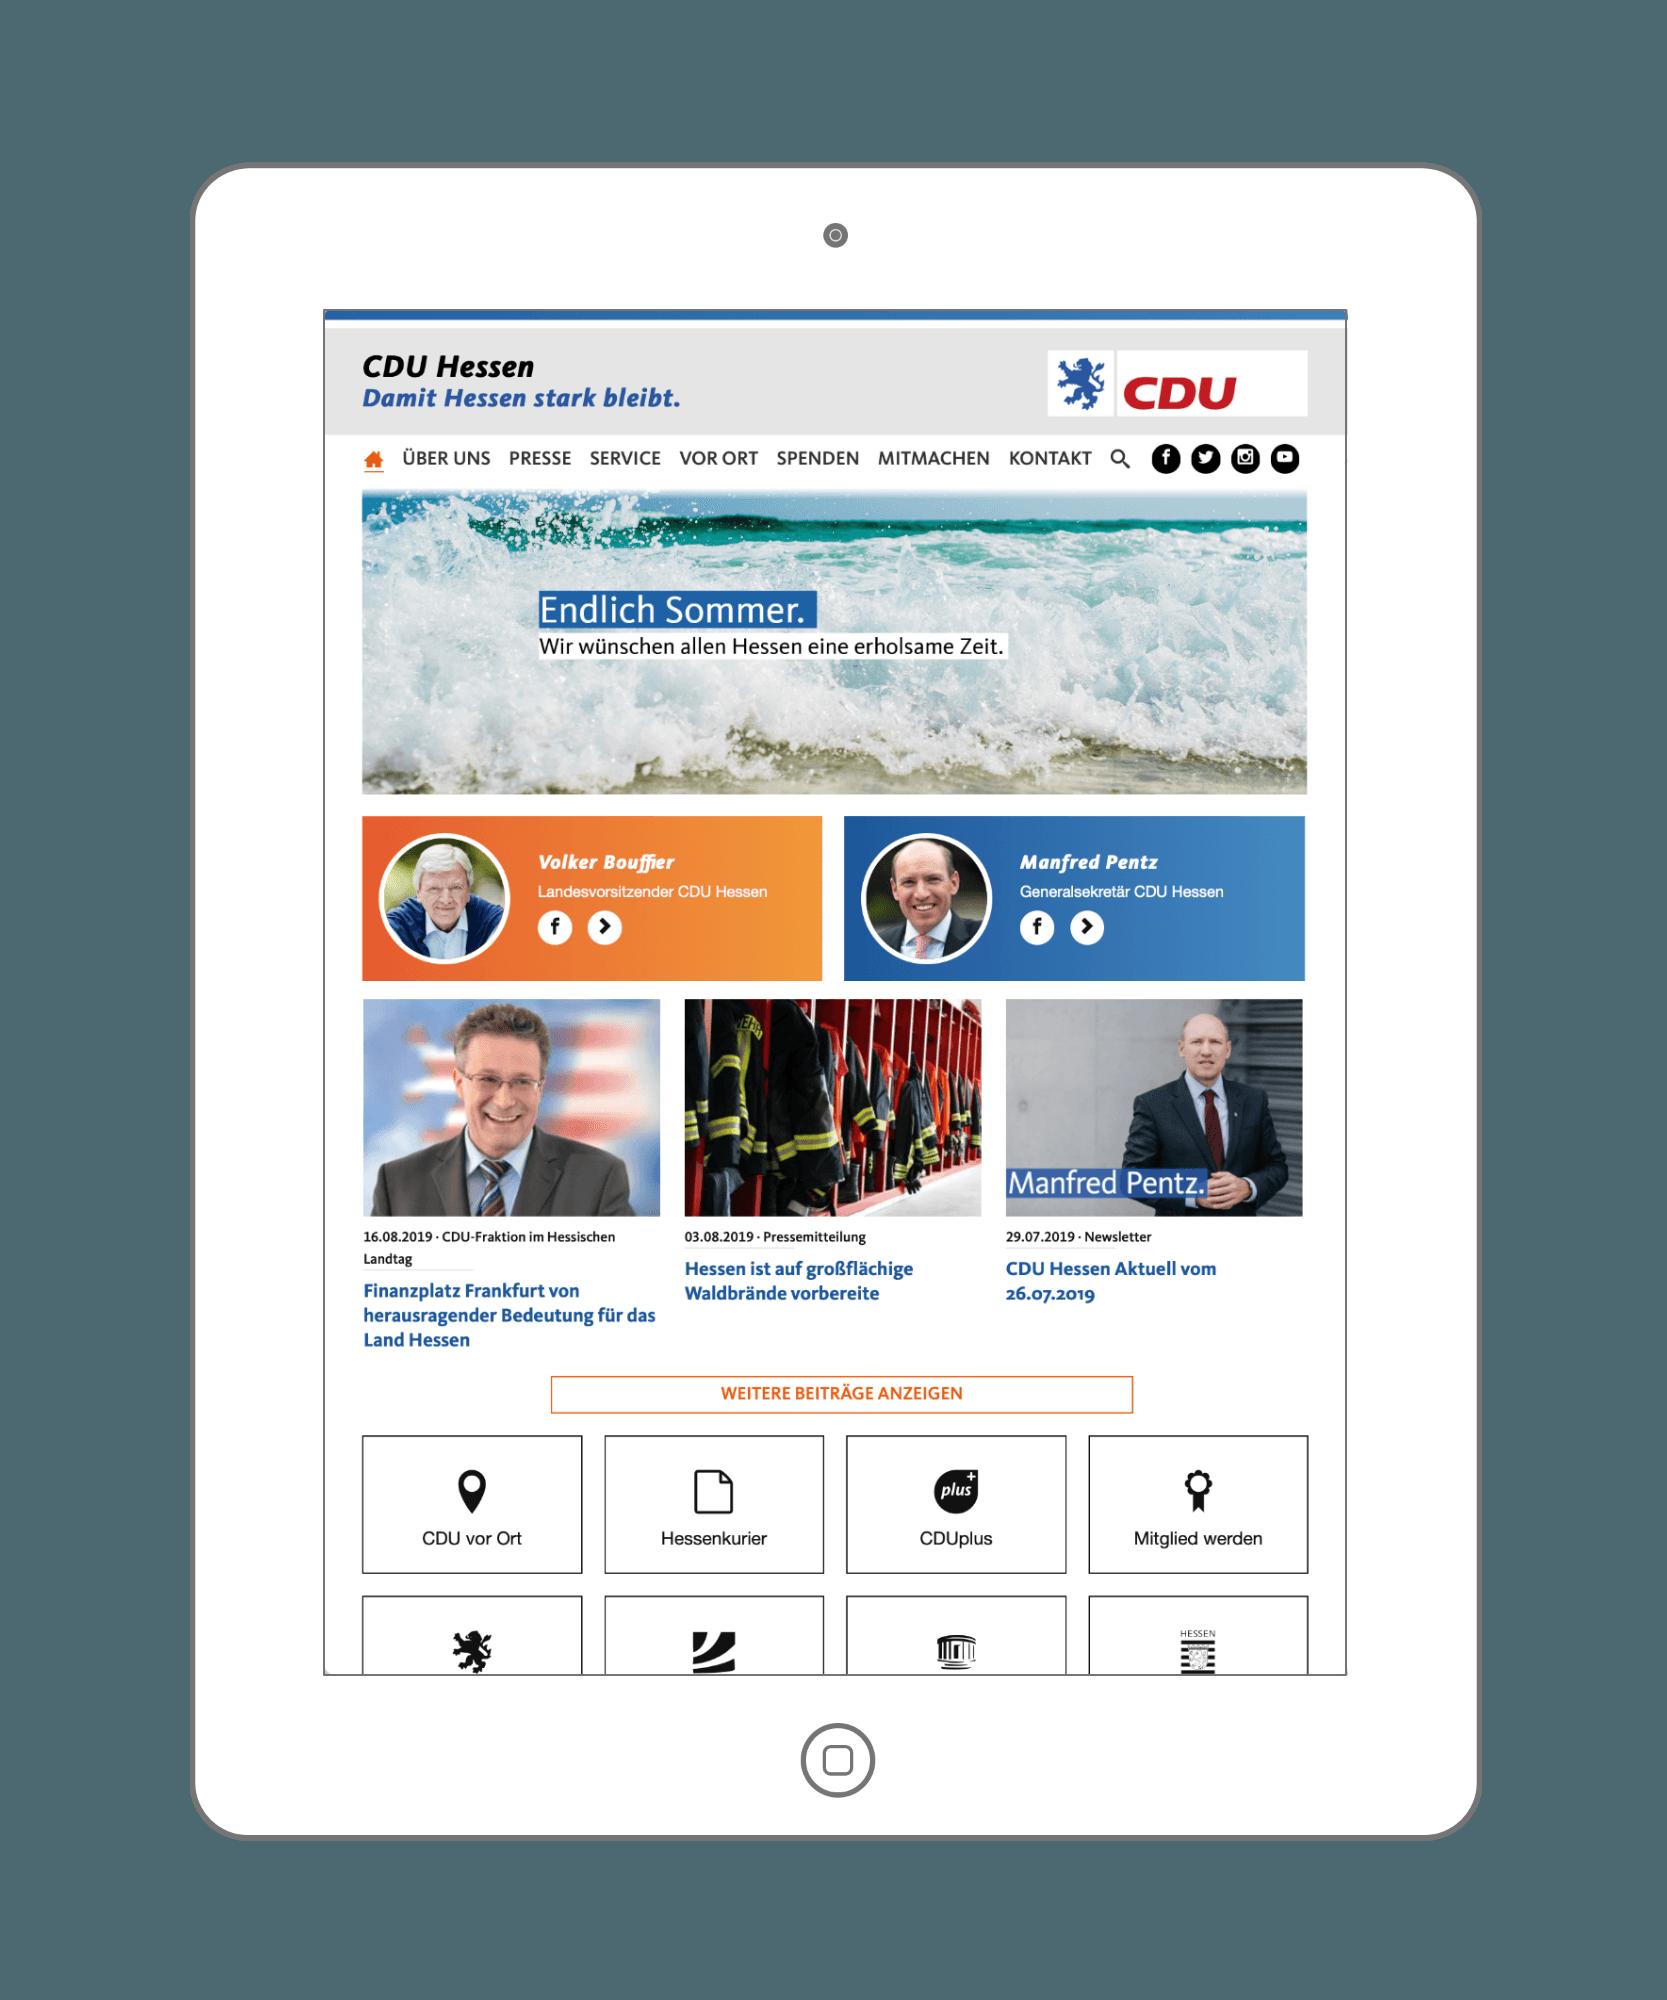 ND-Politik - Politik-Management System für Politiker und Parteien